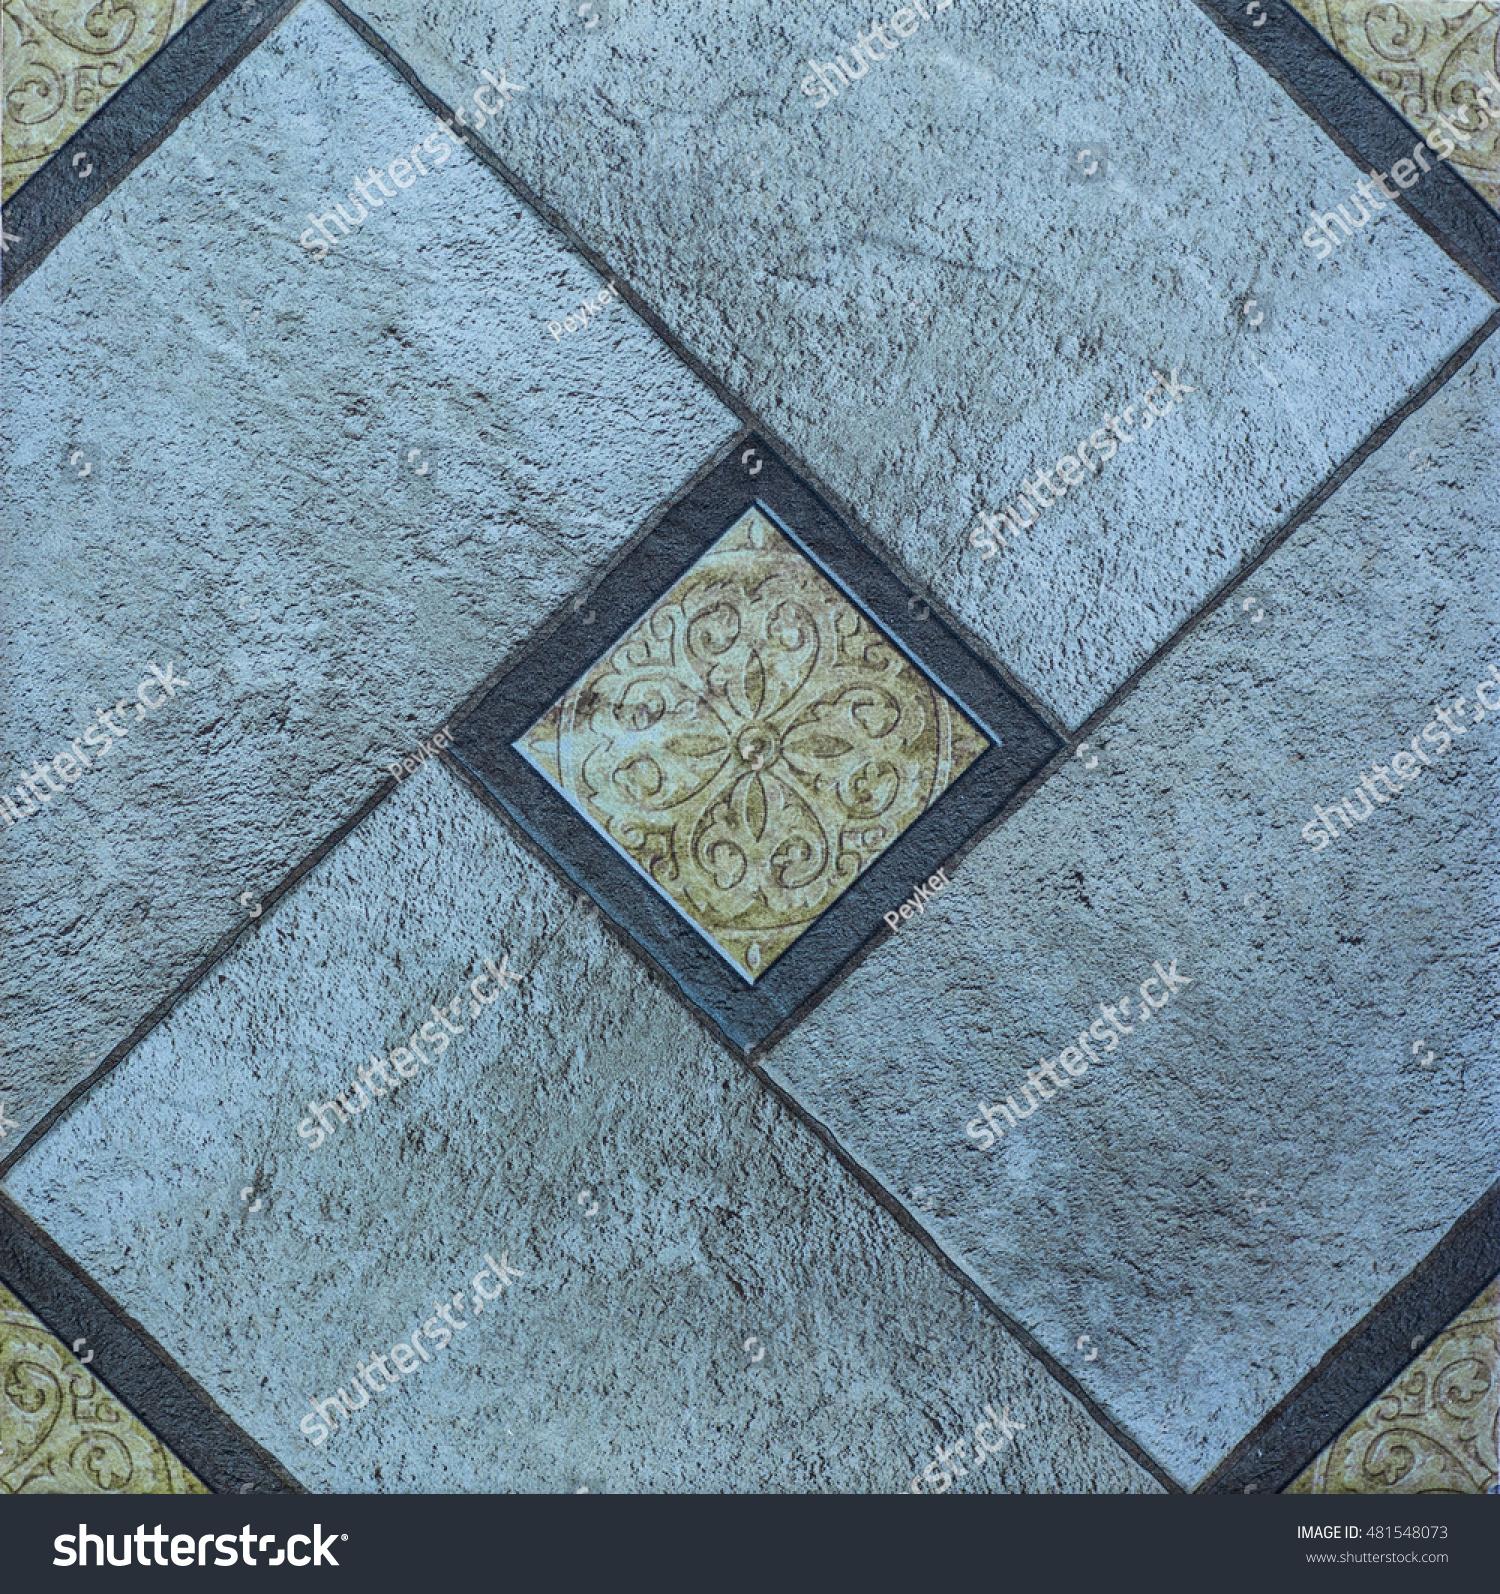 Tile Geometric Shapes Stock Photo 481548073 - Shutterstock